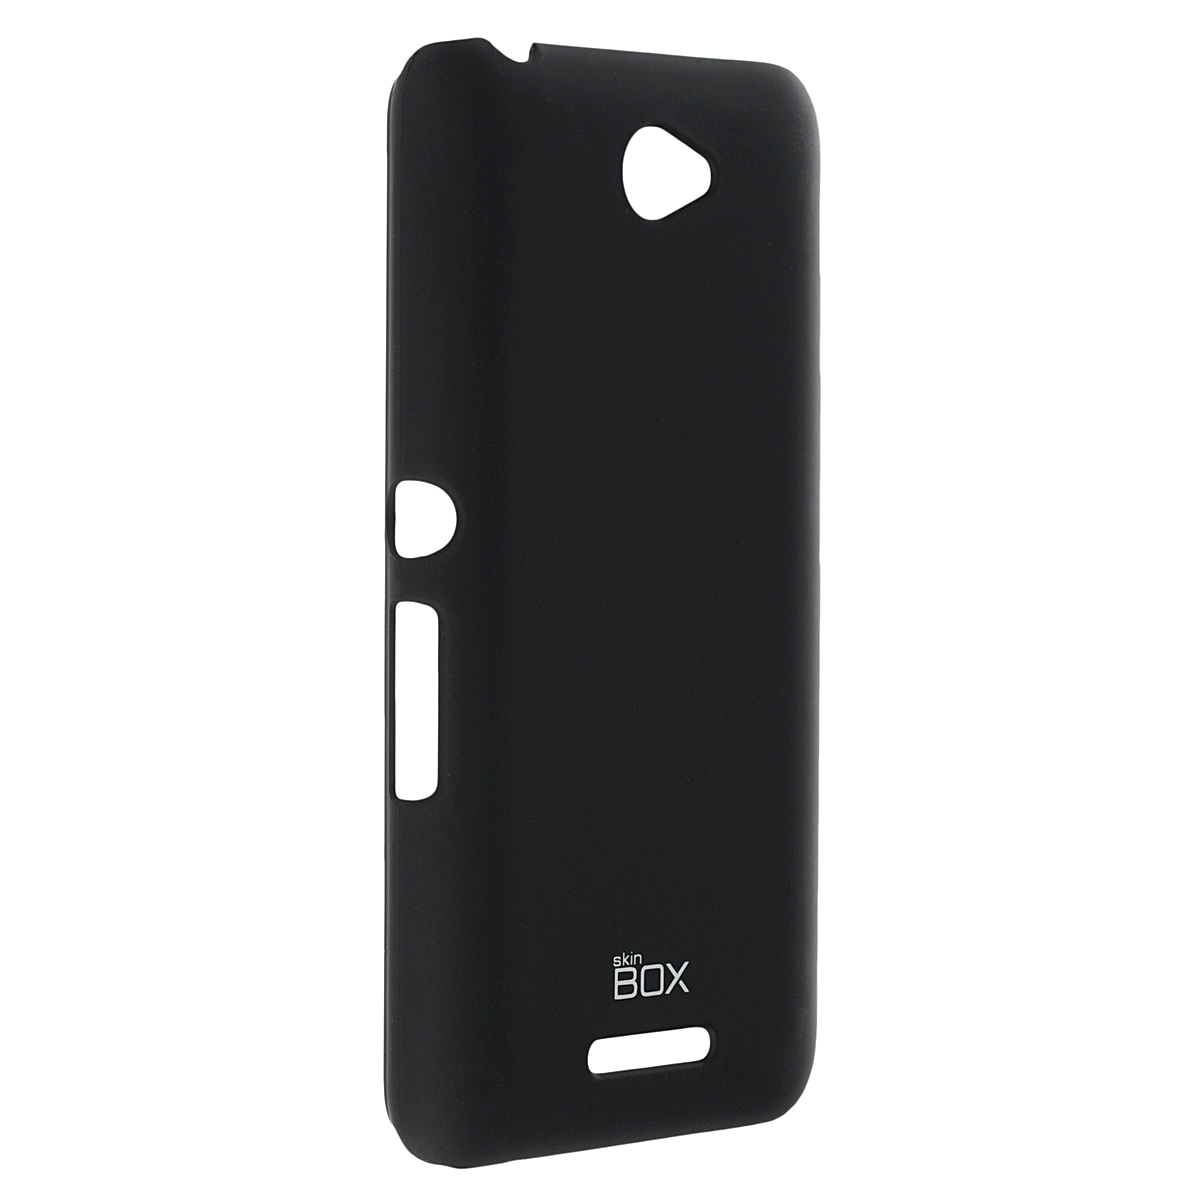 Skinbox Shield 4People чехол для Sony Xperia E4, BlackT-S-SXE4-002Чехол Skinbox Shield 4People для Sony Xperia E4 предназначен для защиты корпуса смартфона от механических повреждений и царапин в процессе эксплуатации. Имеется свободный доступ ко всем разъемам и кнопкам устройства. В комплект также входит защитная пленка на экран телефона.